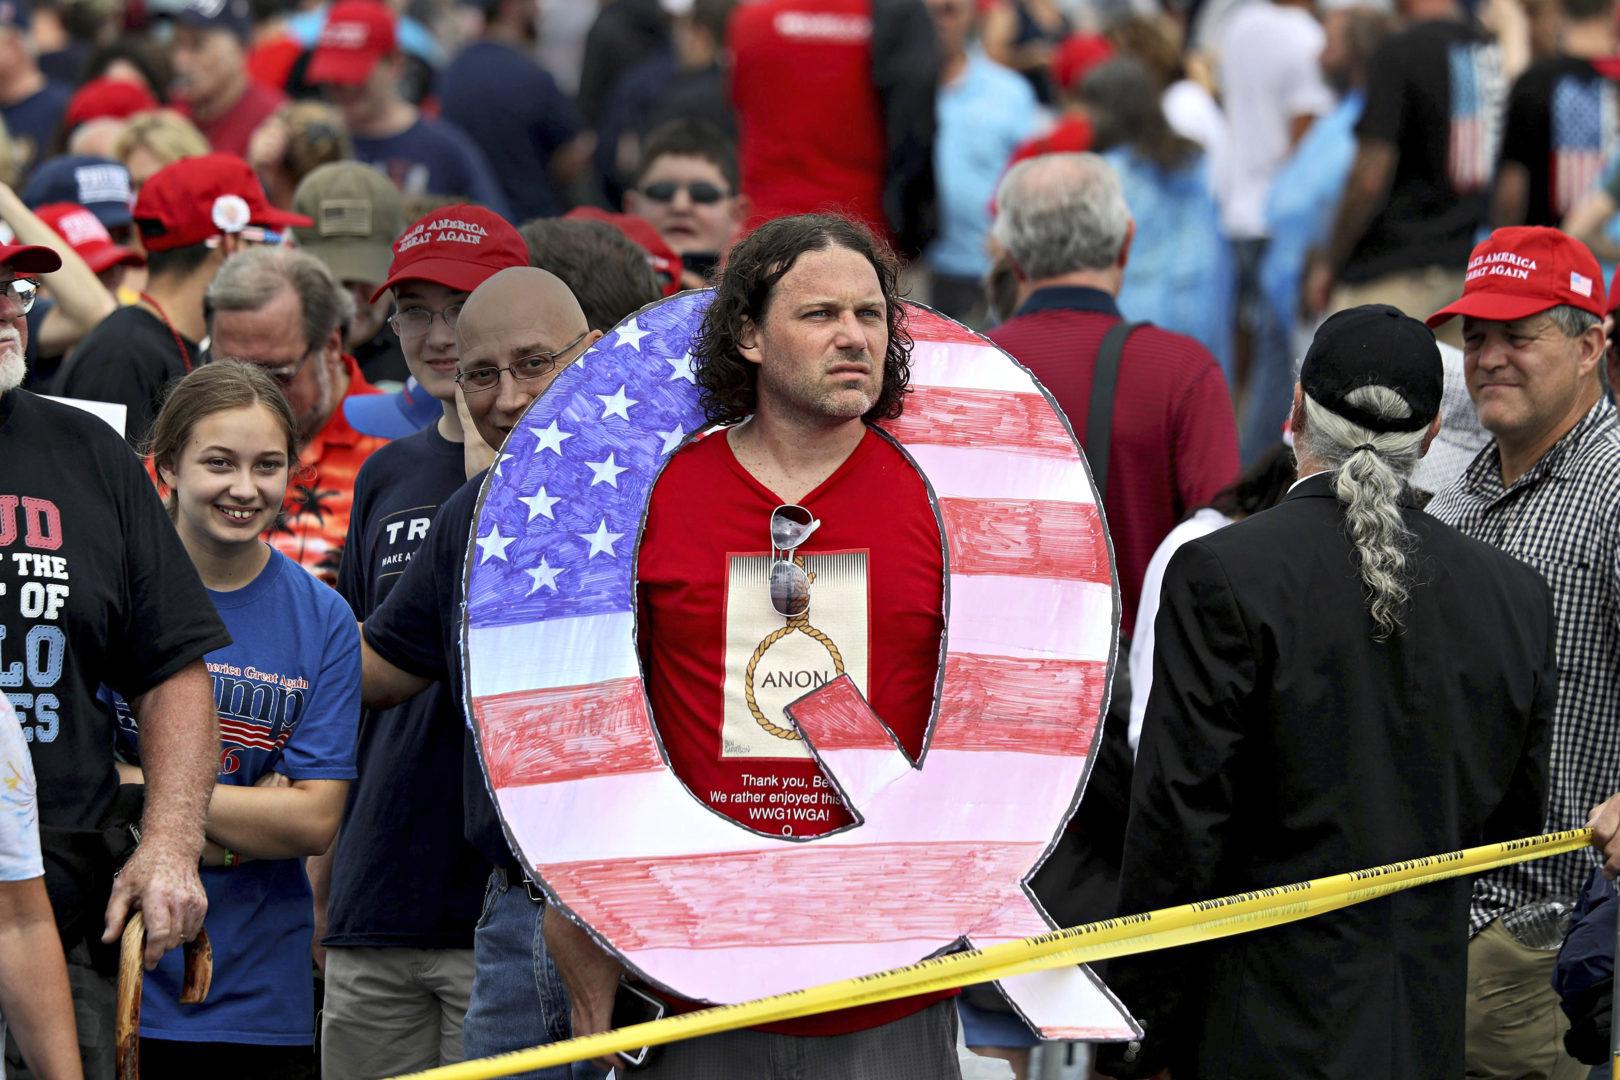 Mielenosoittaja kantoi salaliittoteorioihin viittaavaa Q-kirjainta presidentti Donald Trumpin kannattajien kokoontumisessa Pennsylvaniassa elokuussa 2018.